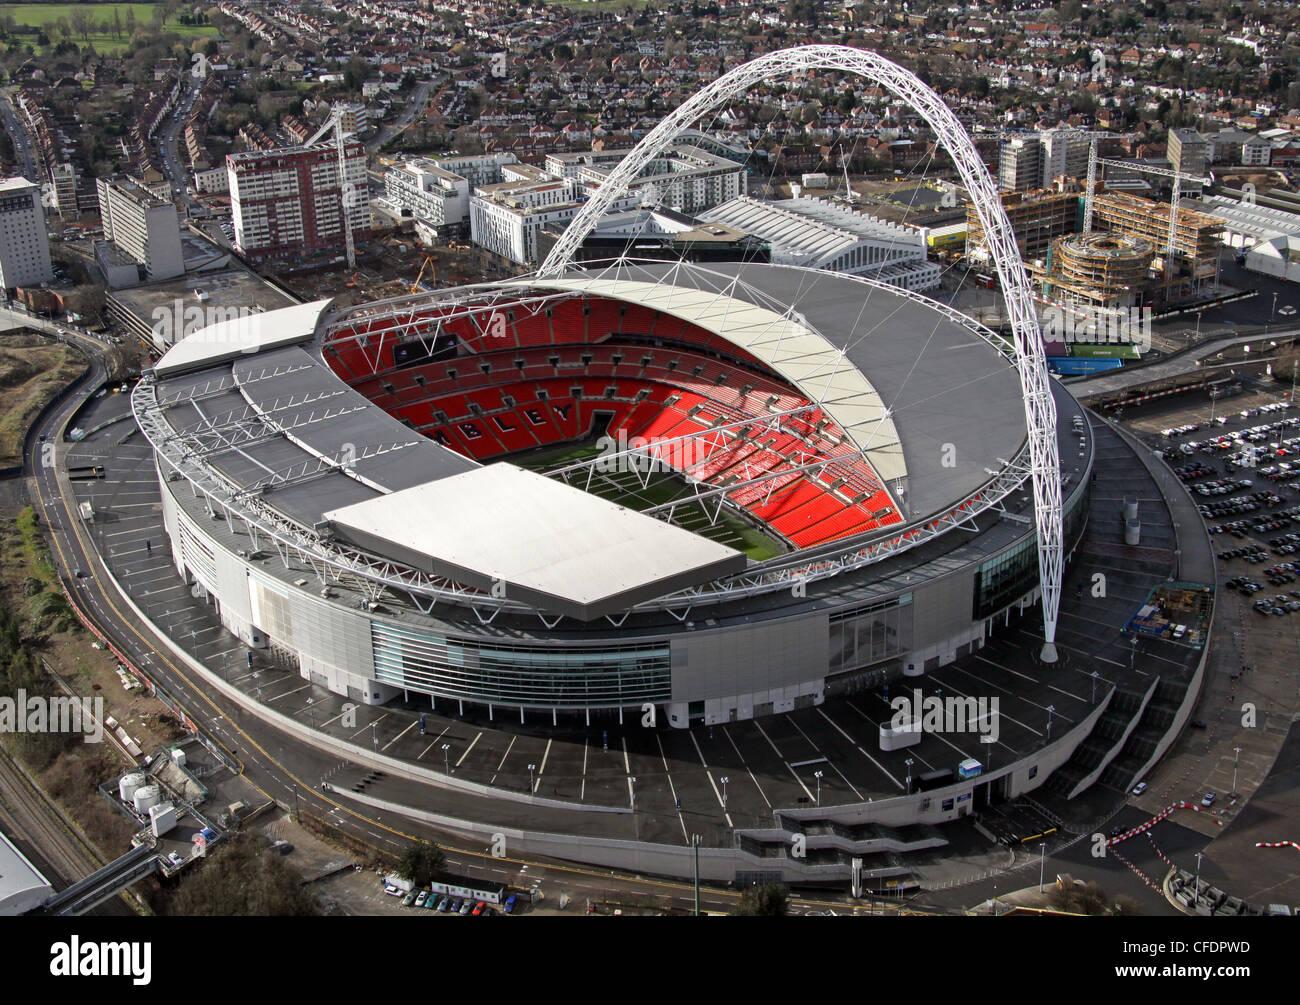 Imagen aérea del estadio de Wembley, Londres Foto de stock